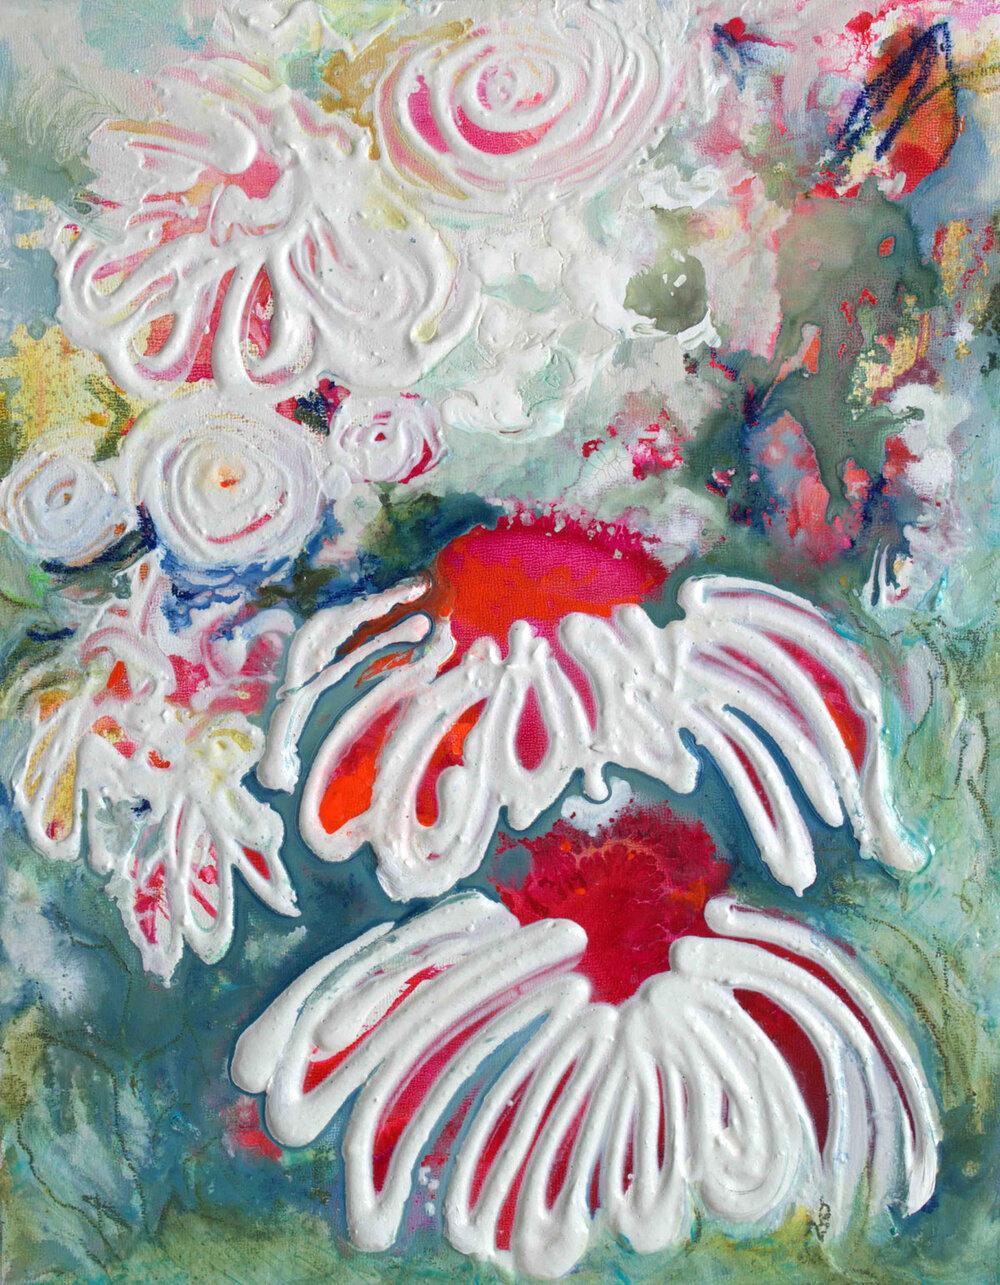 Vivacious Floral IX - 14x11 - available